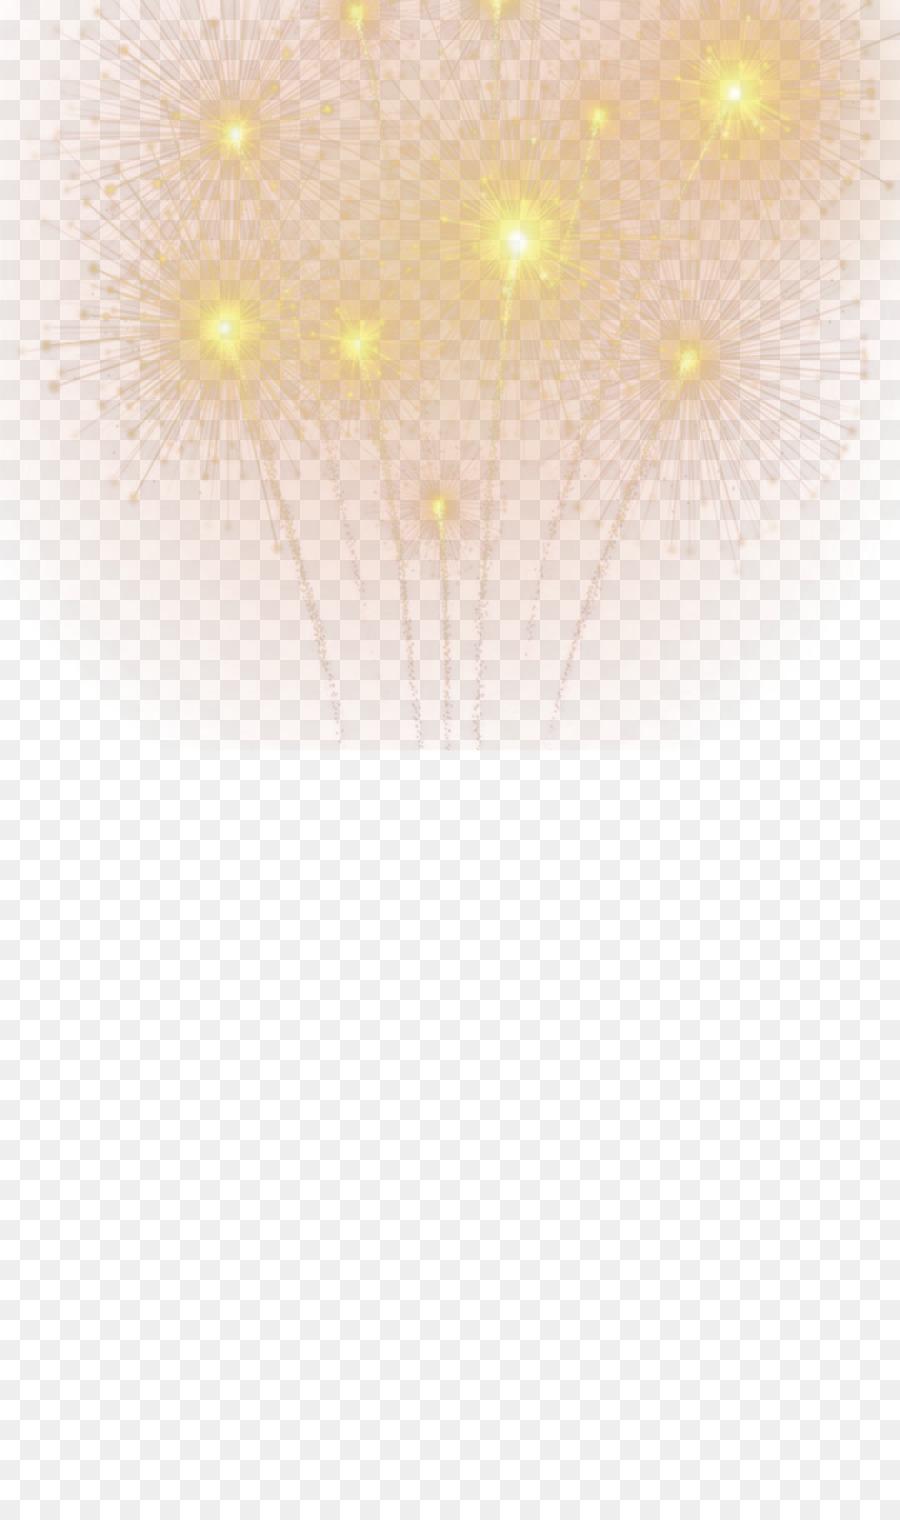 Descarga gratuita de Adobe Fireworks, Fuegos Artificiales, Postscript Encapsulado imágenes PNG